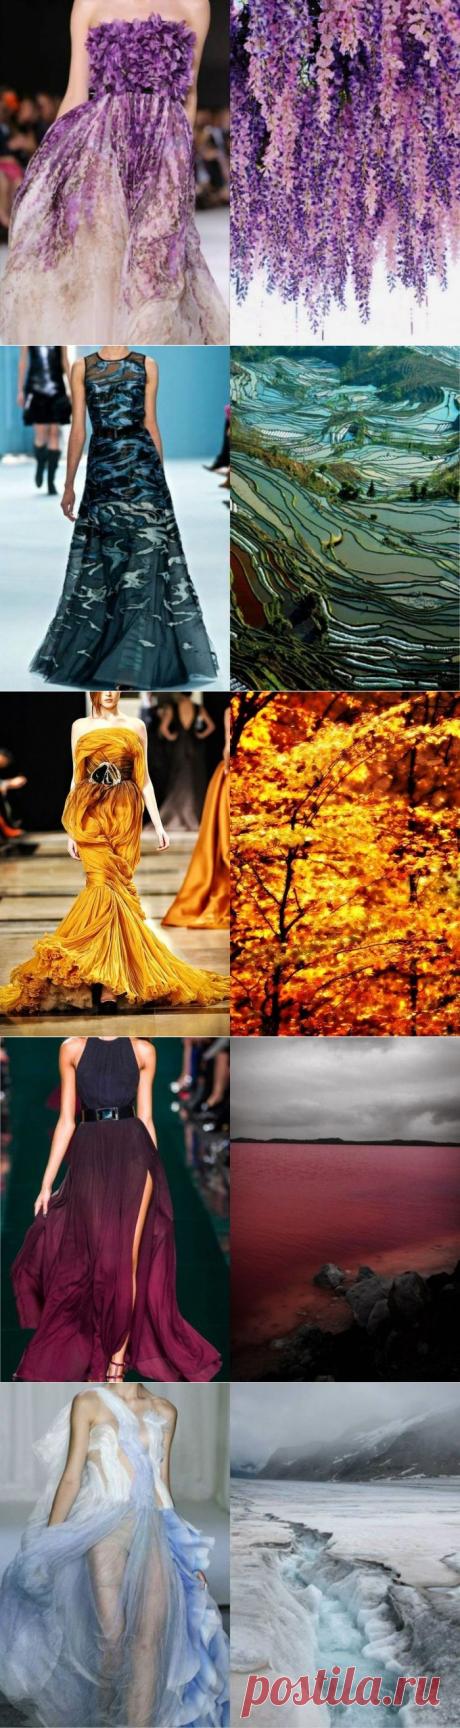 Платья, навеянные красотой природы